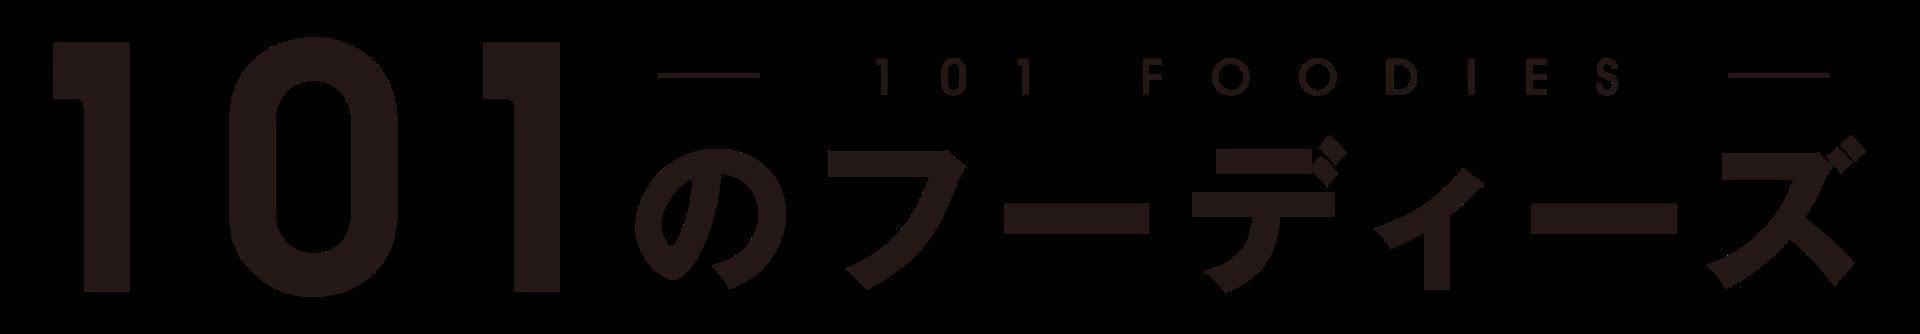 101FOODIES_TITLE